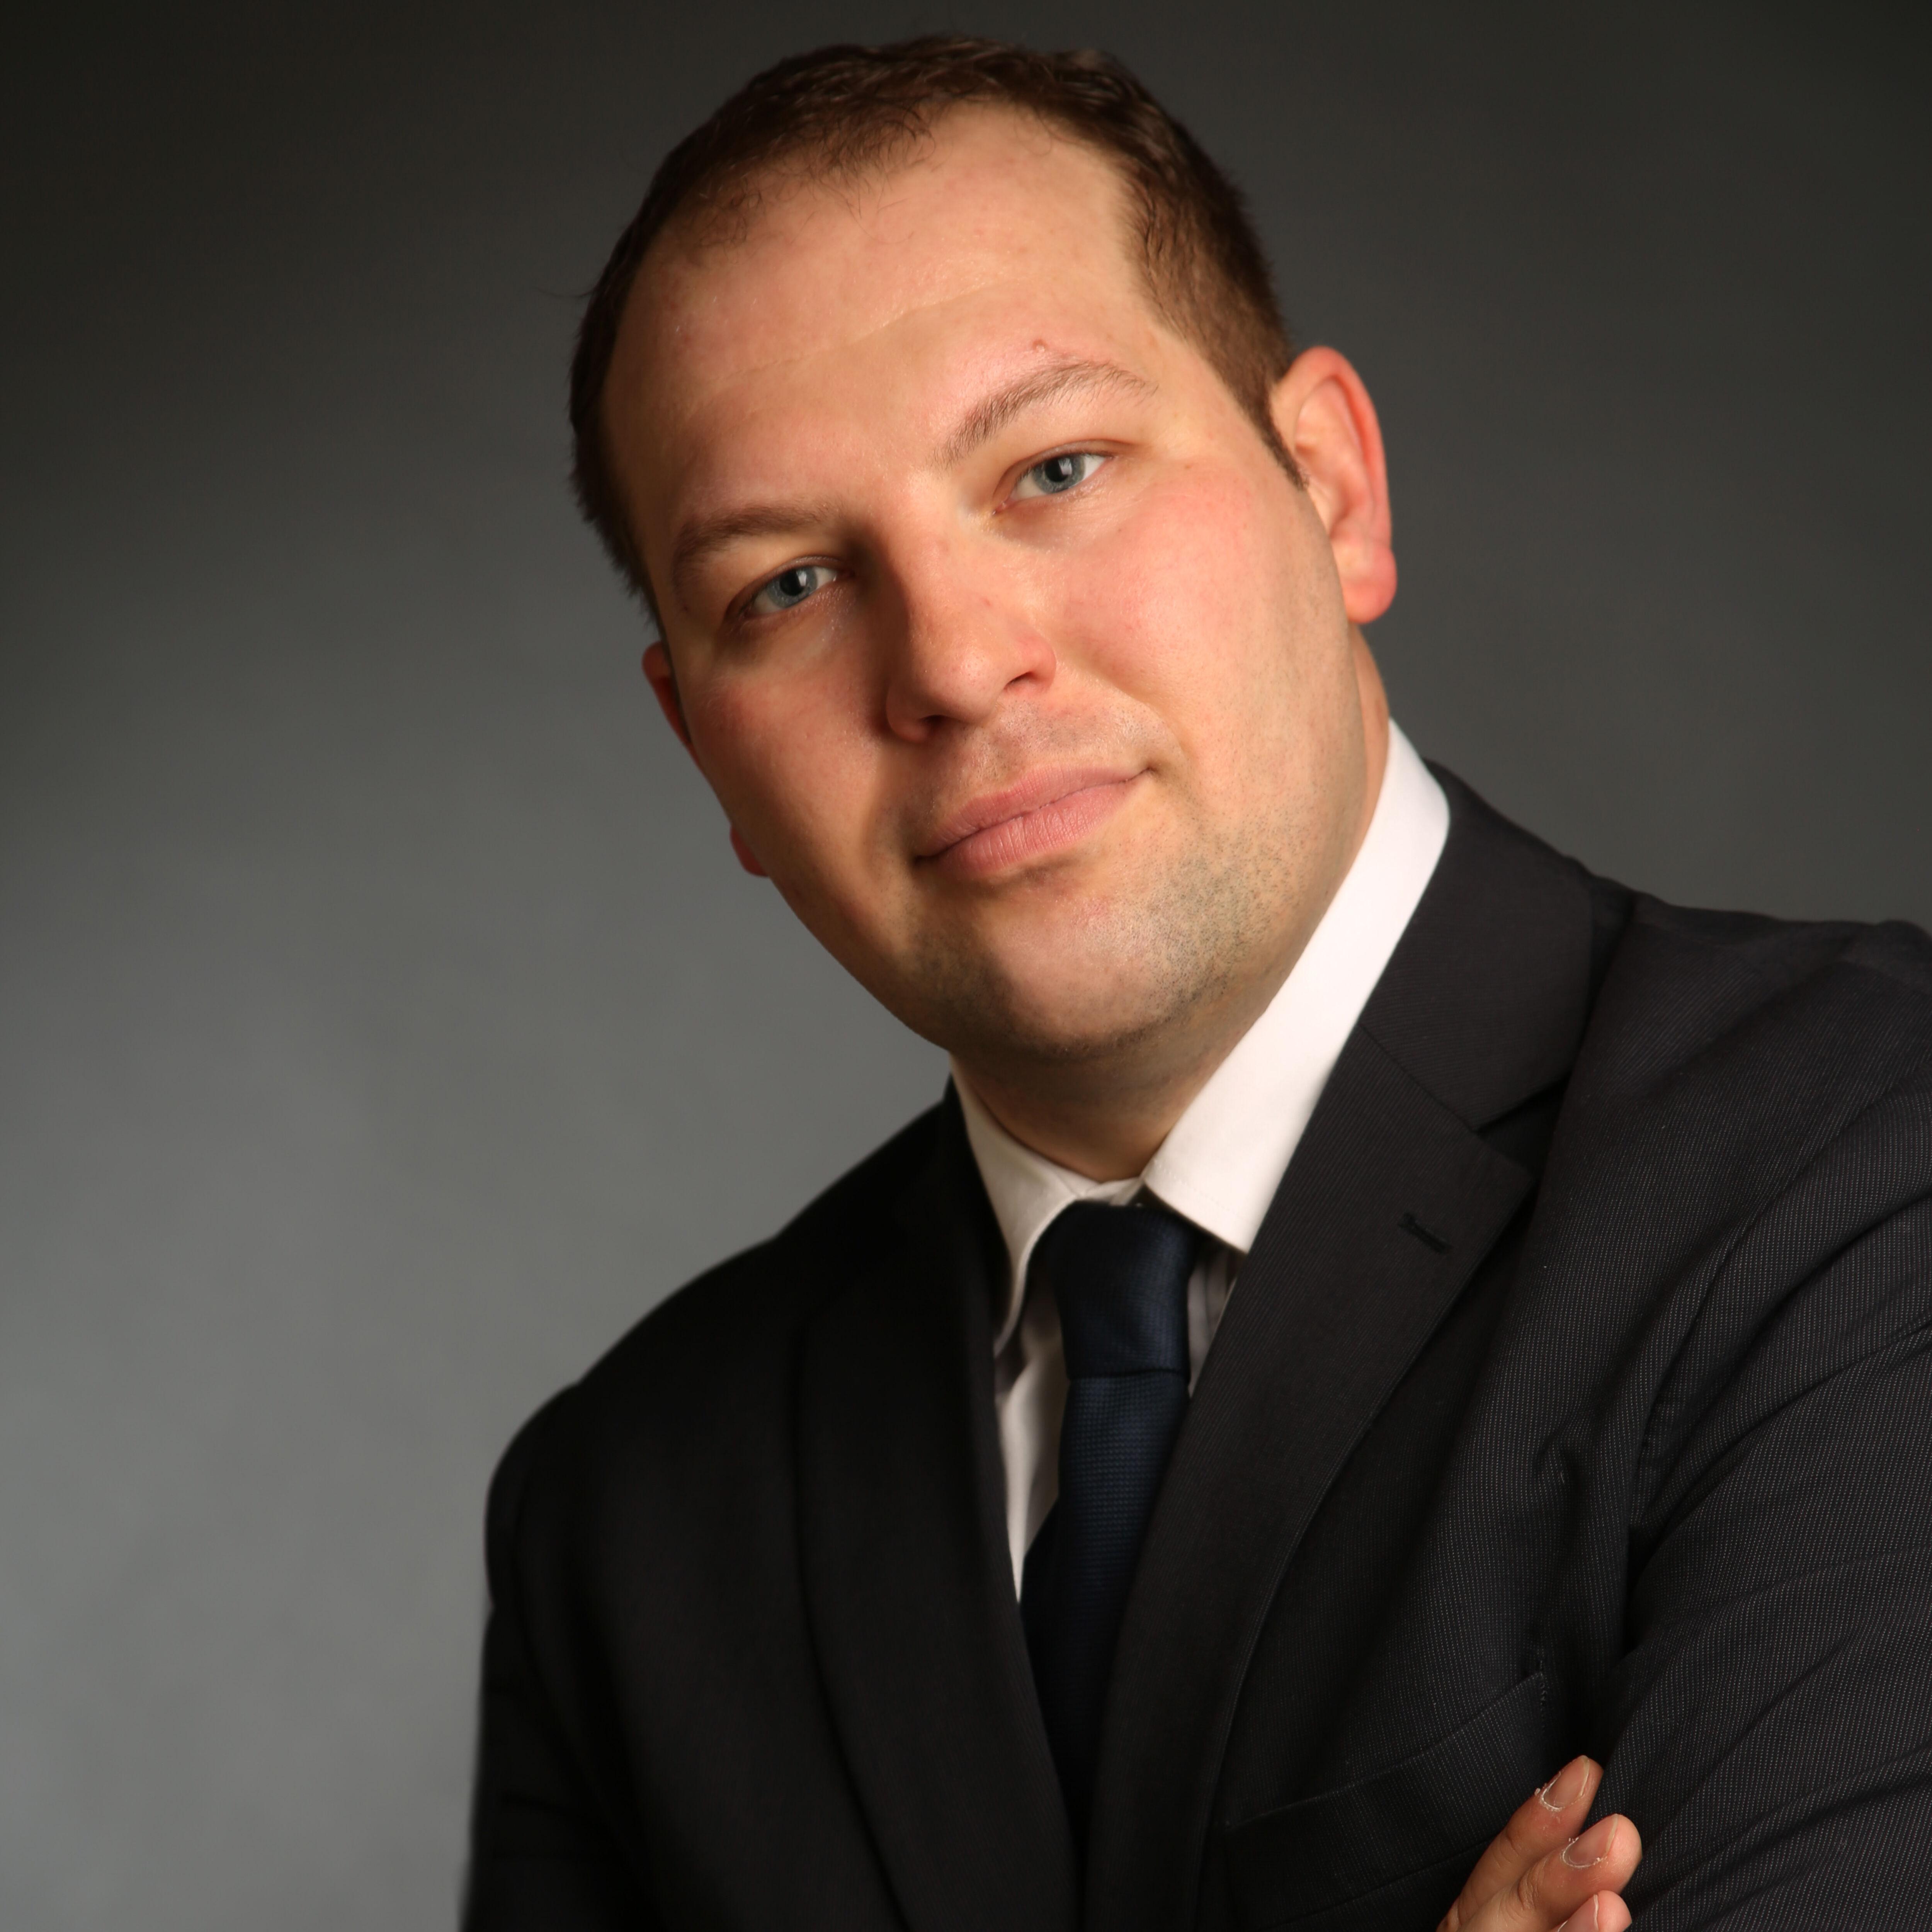 Philip Neubauer